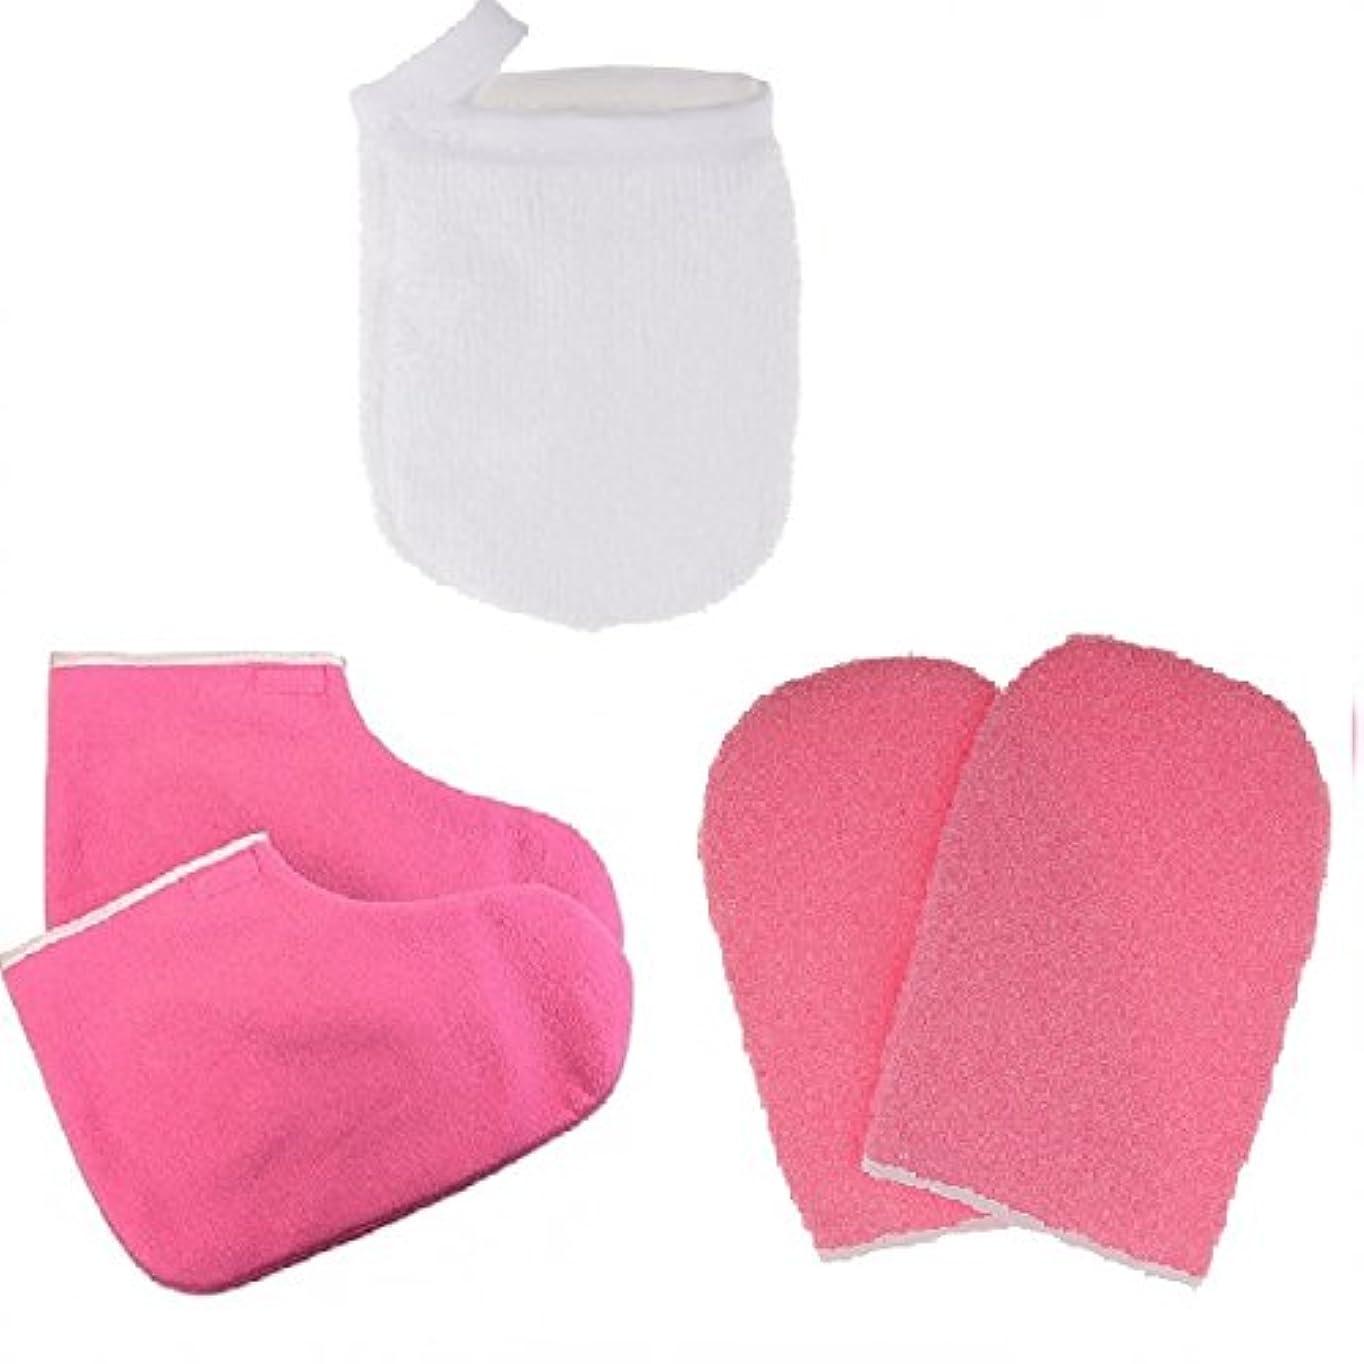 個人的に印象沈黙グローブ パラフィンワックス保護手袋 メイクリムーバー パッド パラフィンワックス手袋